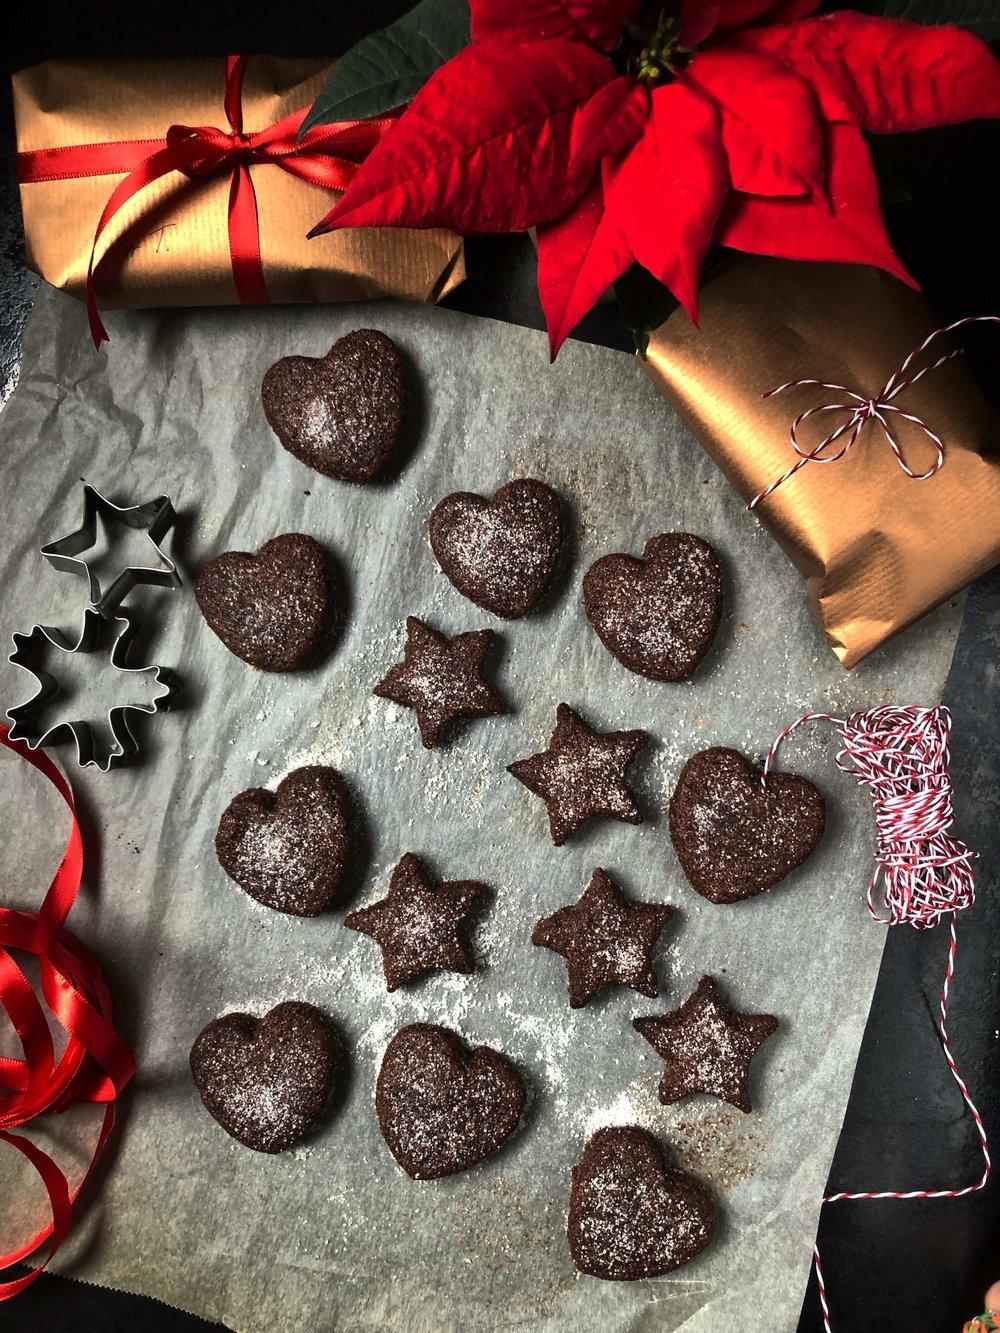 svajcarski cokoladni keksici novogodisnji praynici.JPG